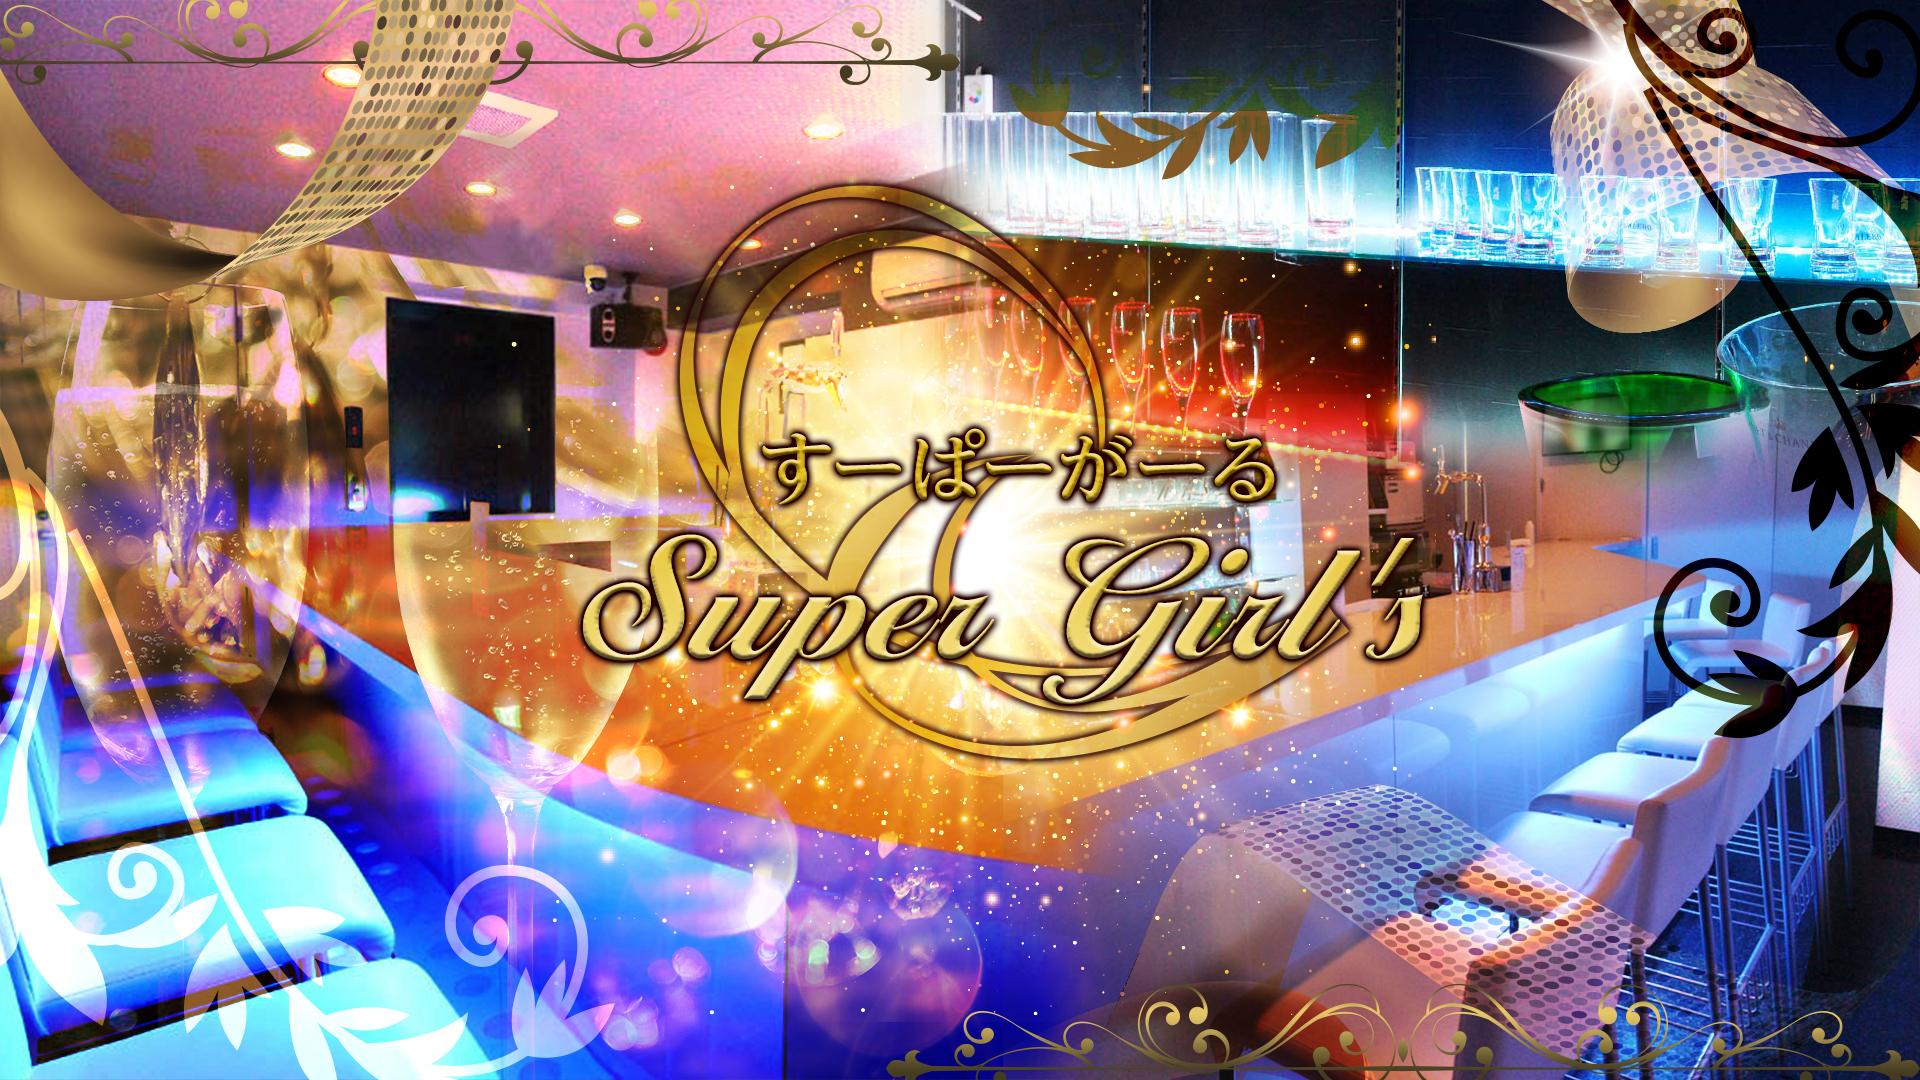 すーぱーがーる Super Girl's 渋谷 ガールズバー TOP画像